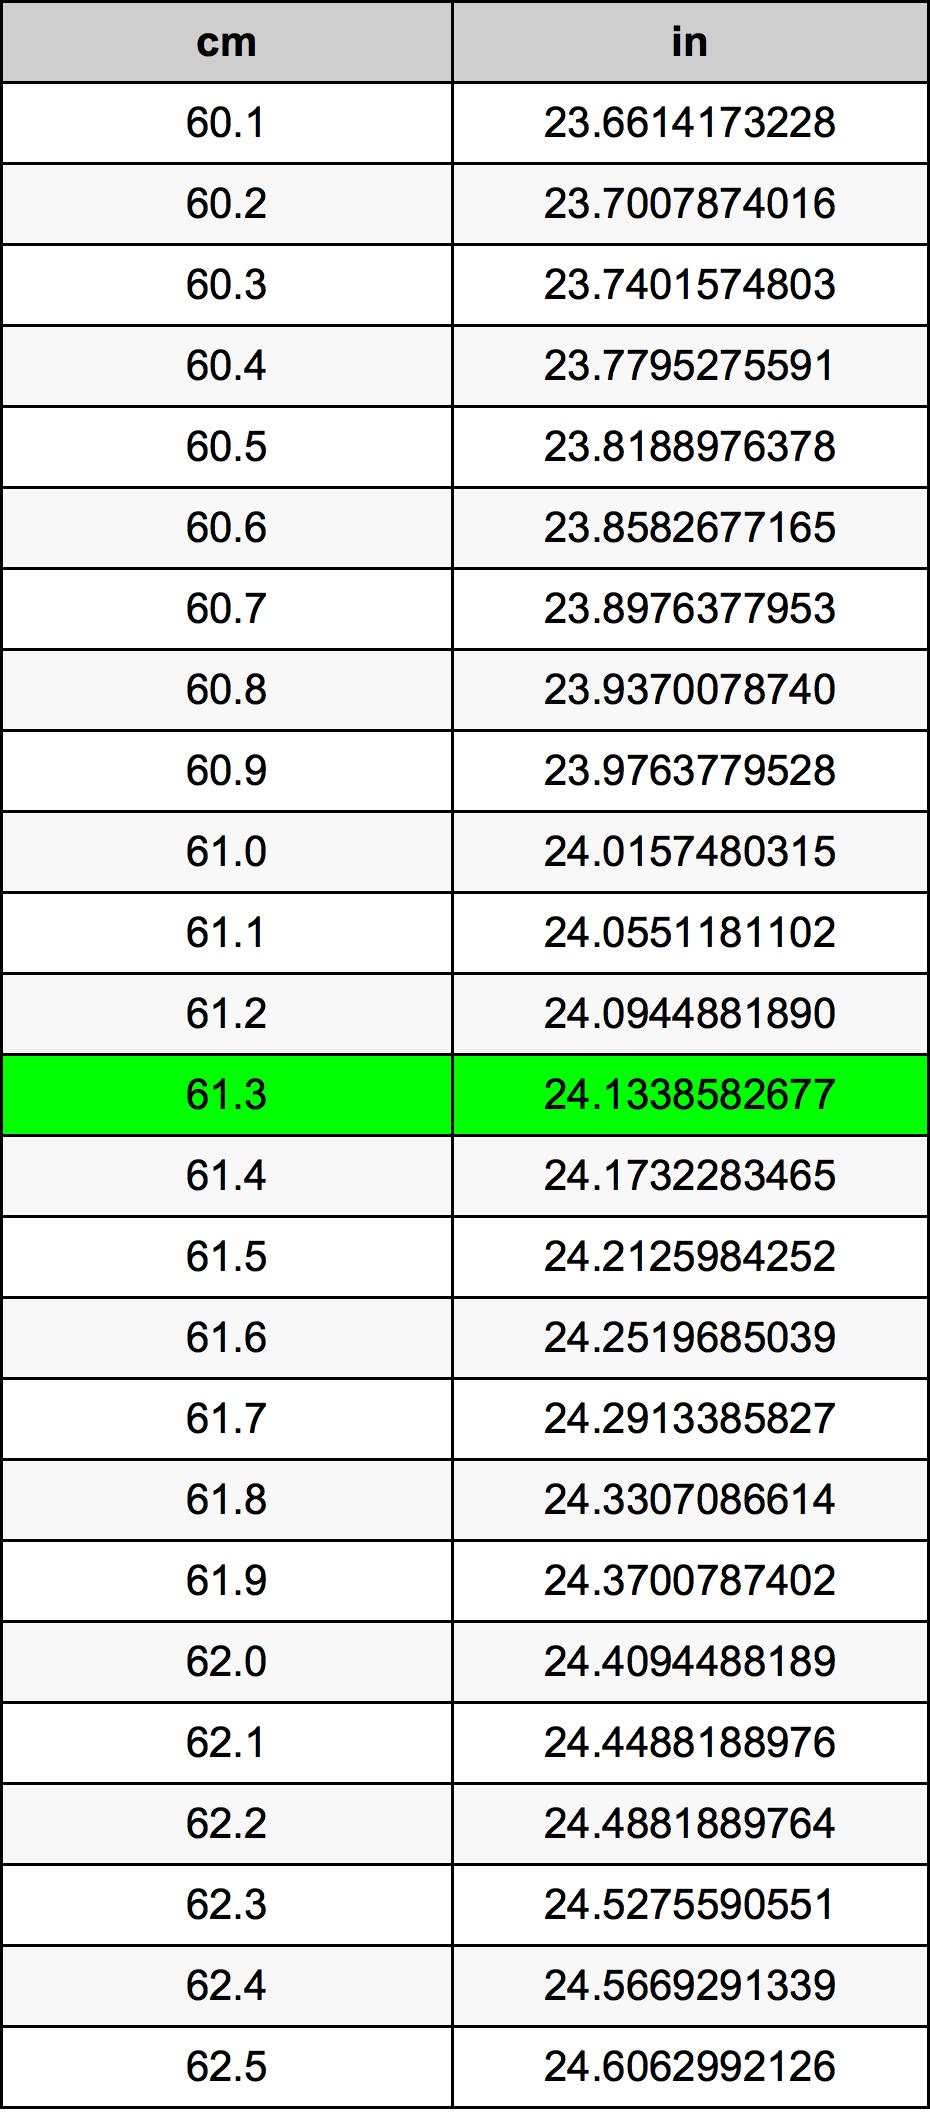 61.3 Centimeter omregningstabel